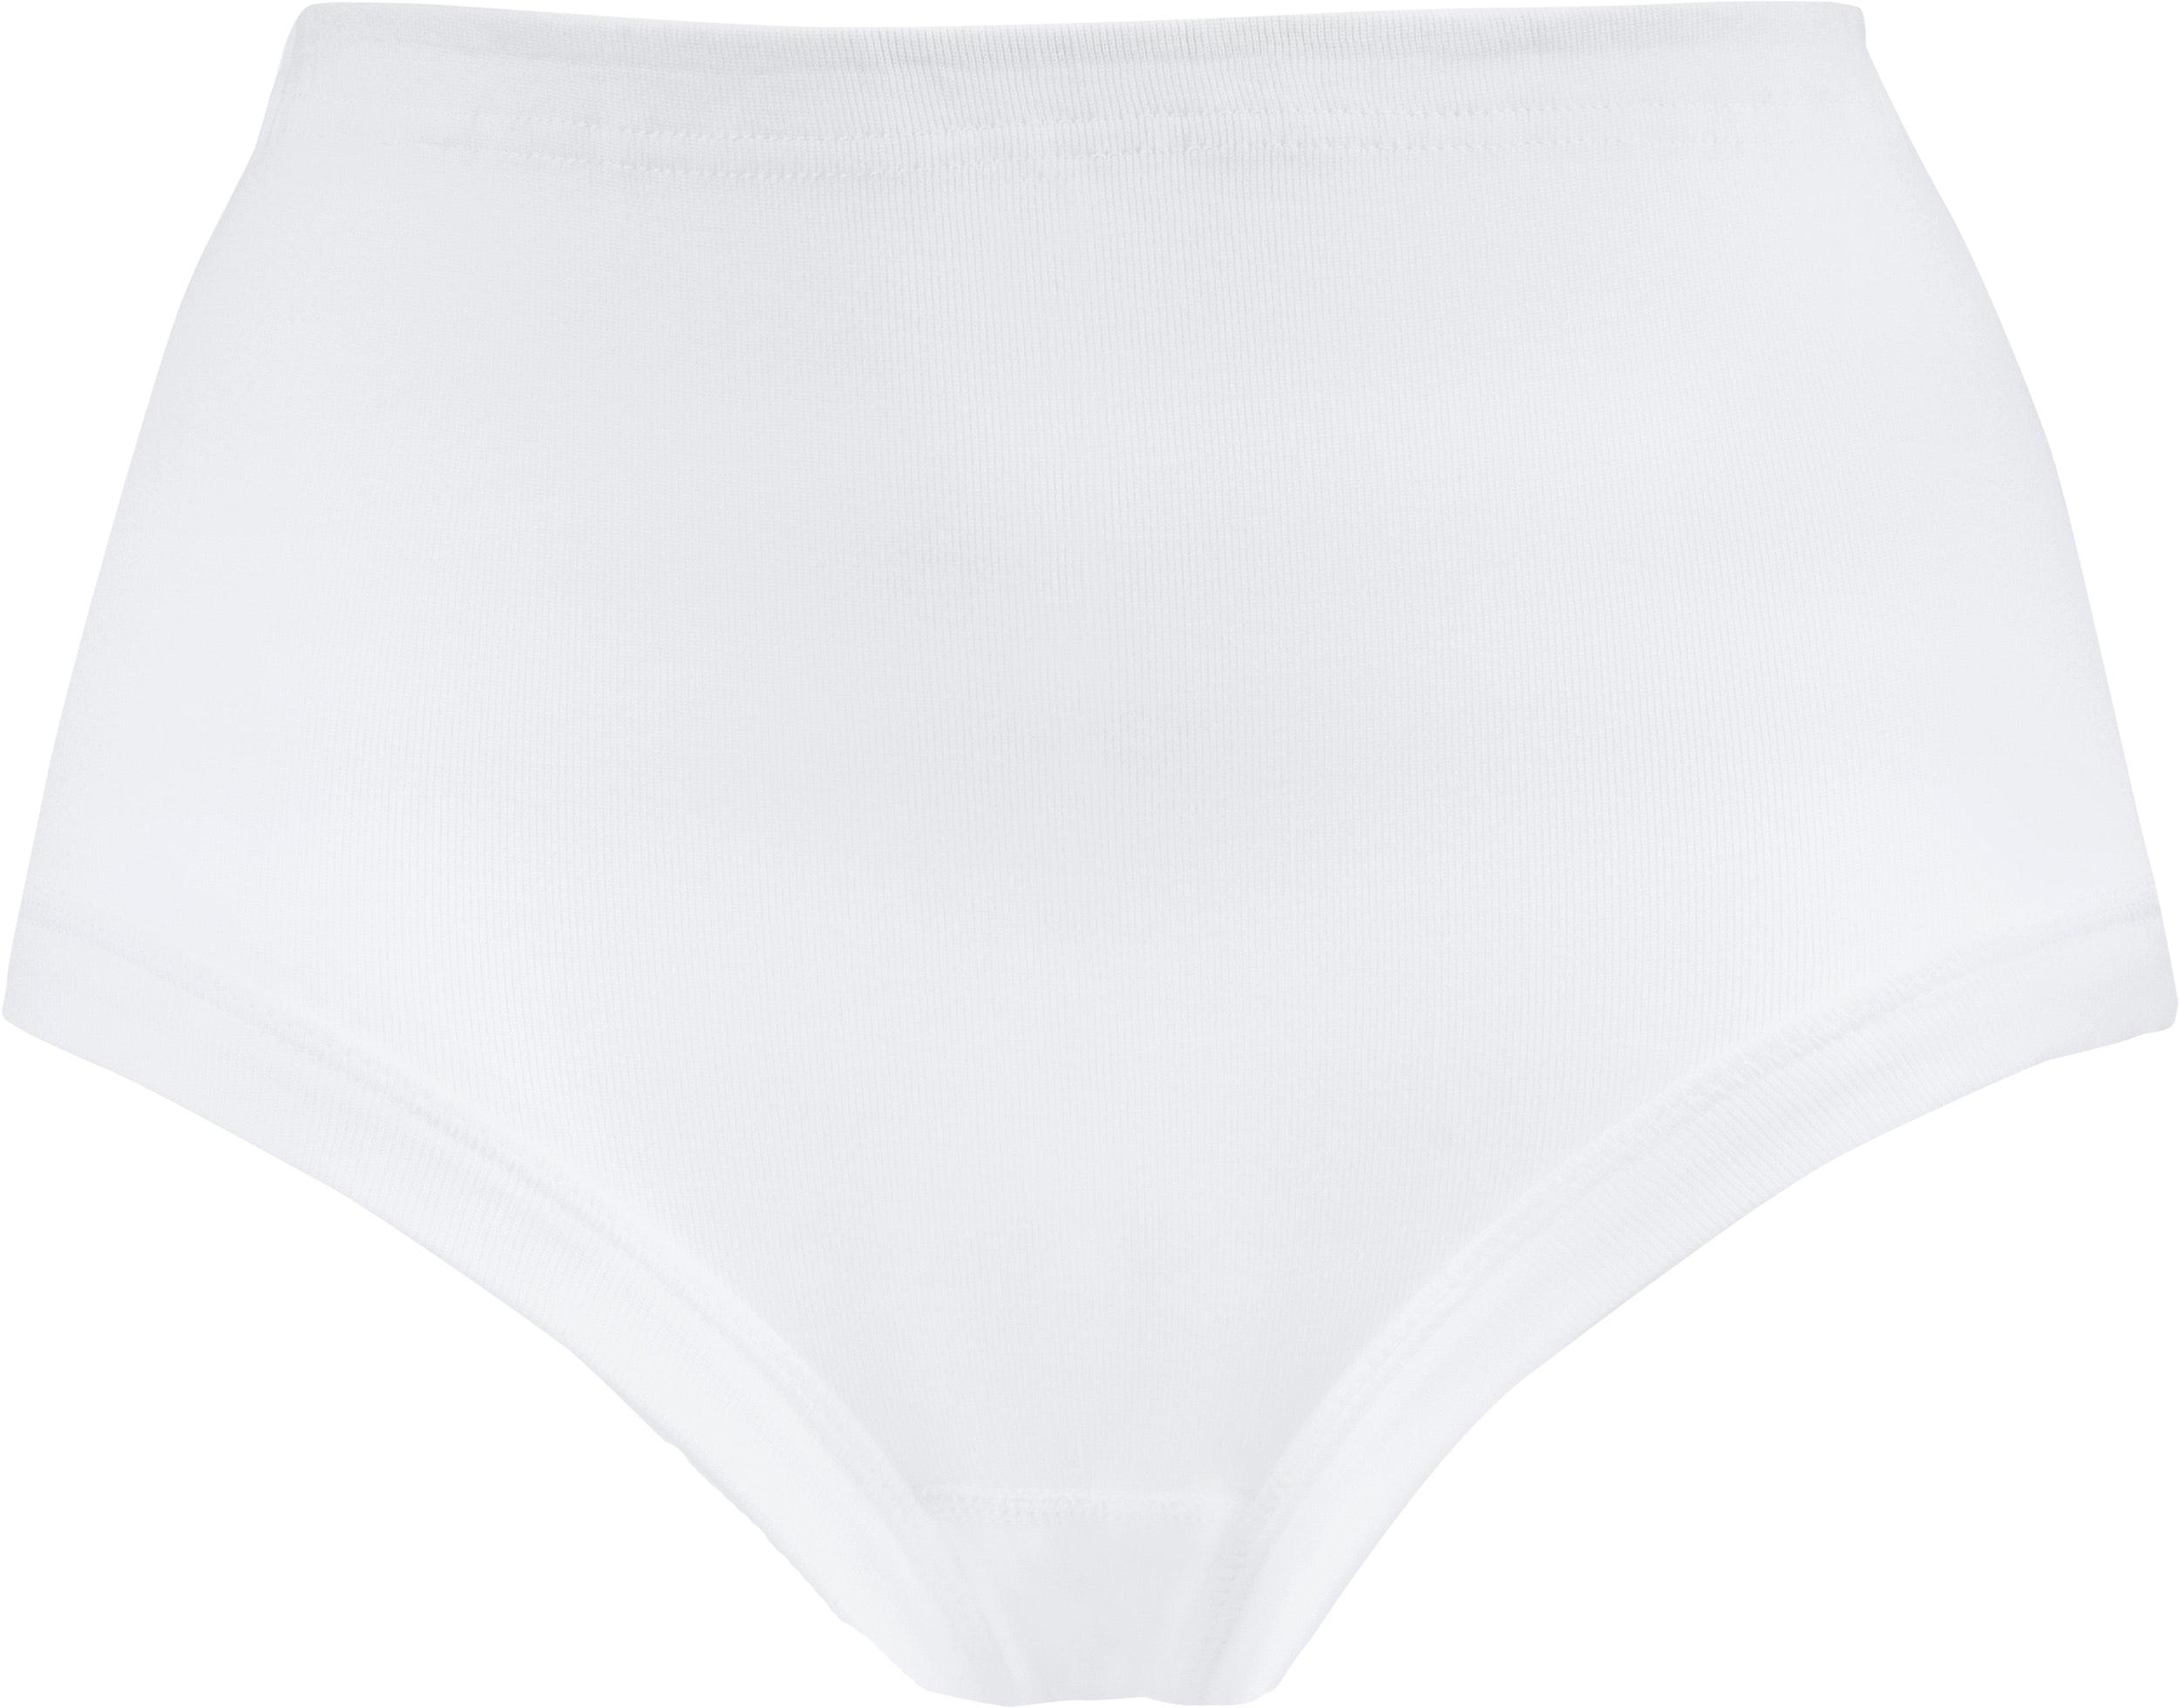 Dámské bokové kalhotky Naturana 2202 bílé